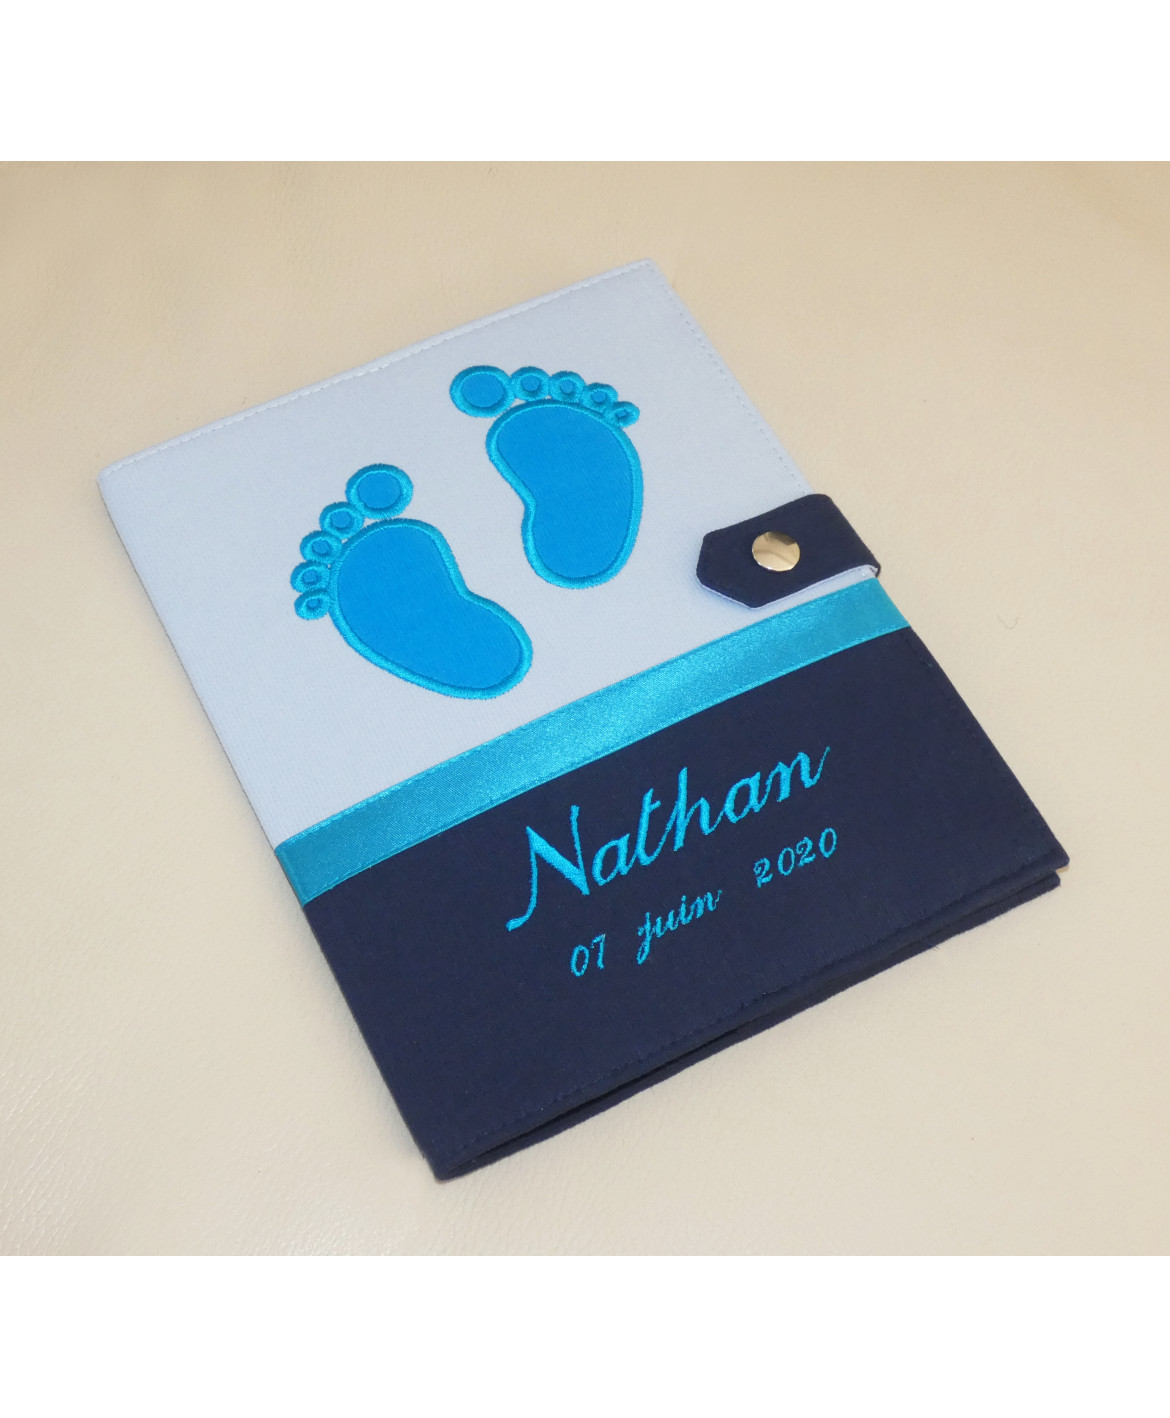 Protège carnet de santé garçon personnalisé rigide - baby feet - bleu - turquoise - cadeau de naissance personnalisé